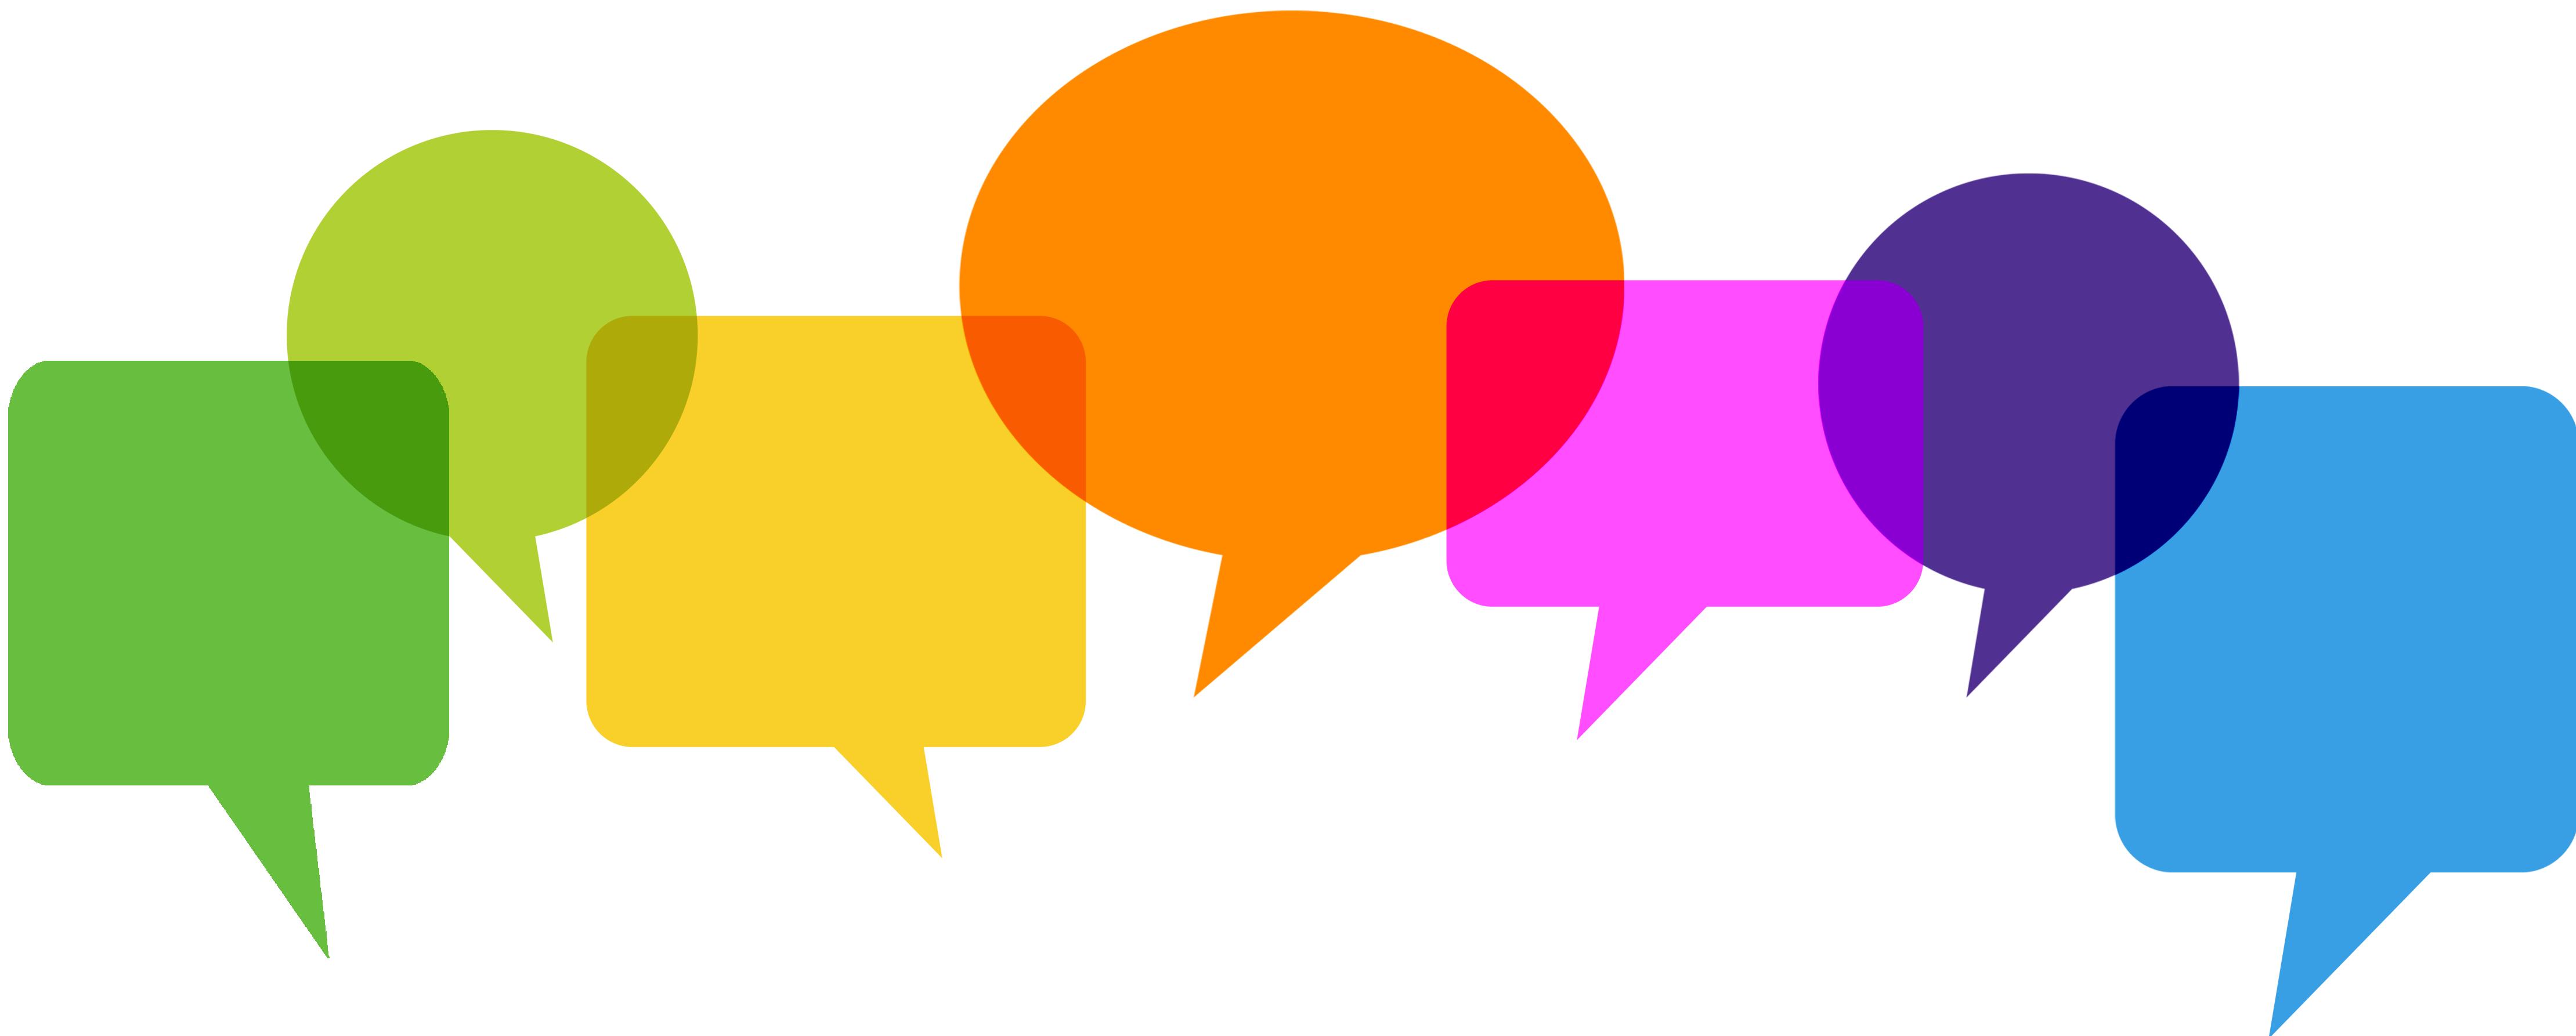 feedback-speech-bubbles - The Breastfeeding Network